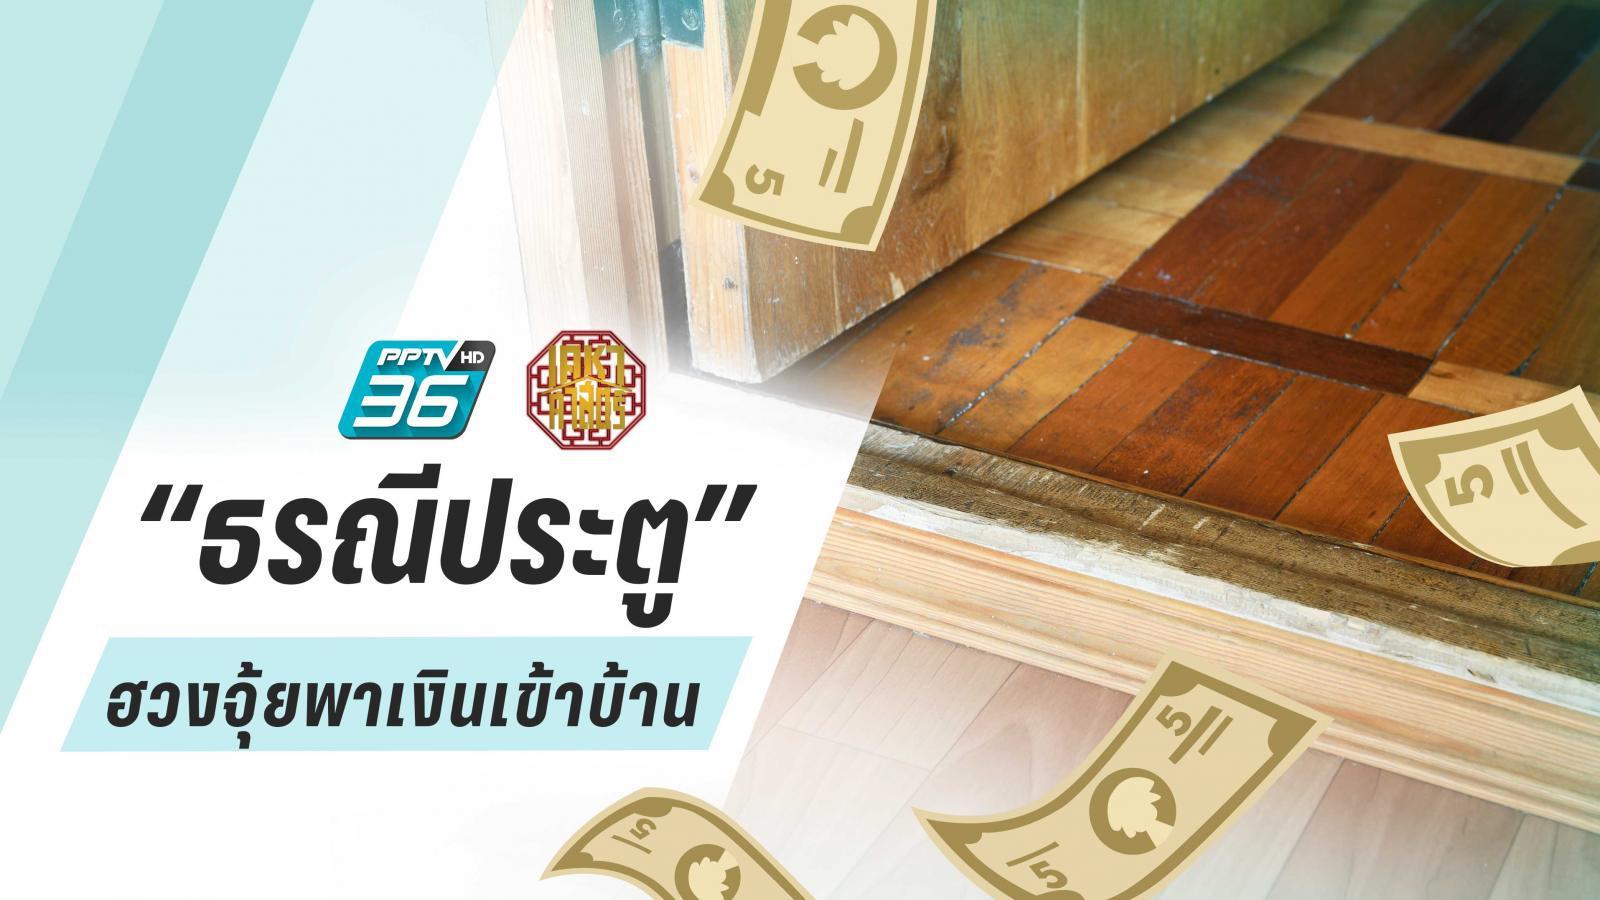 """""""ธรณีประตู"""" ฮวงจุ้ยพาเงินเข้าบ้าน ทำให้ดีมีแต่รวย !!"""